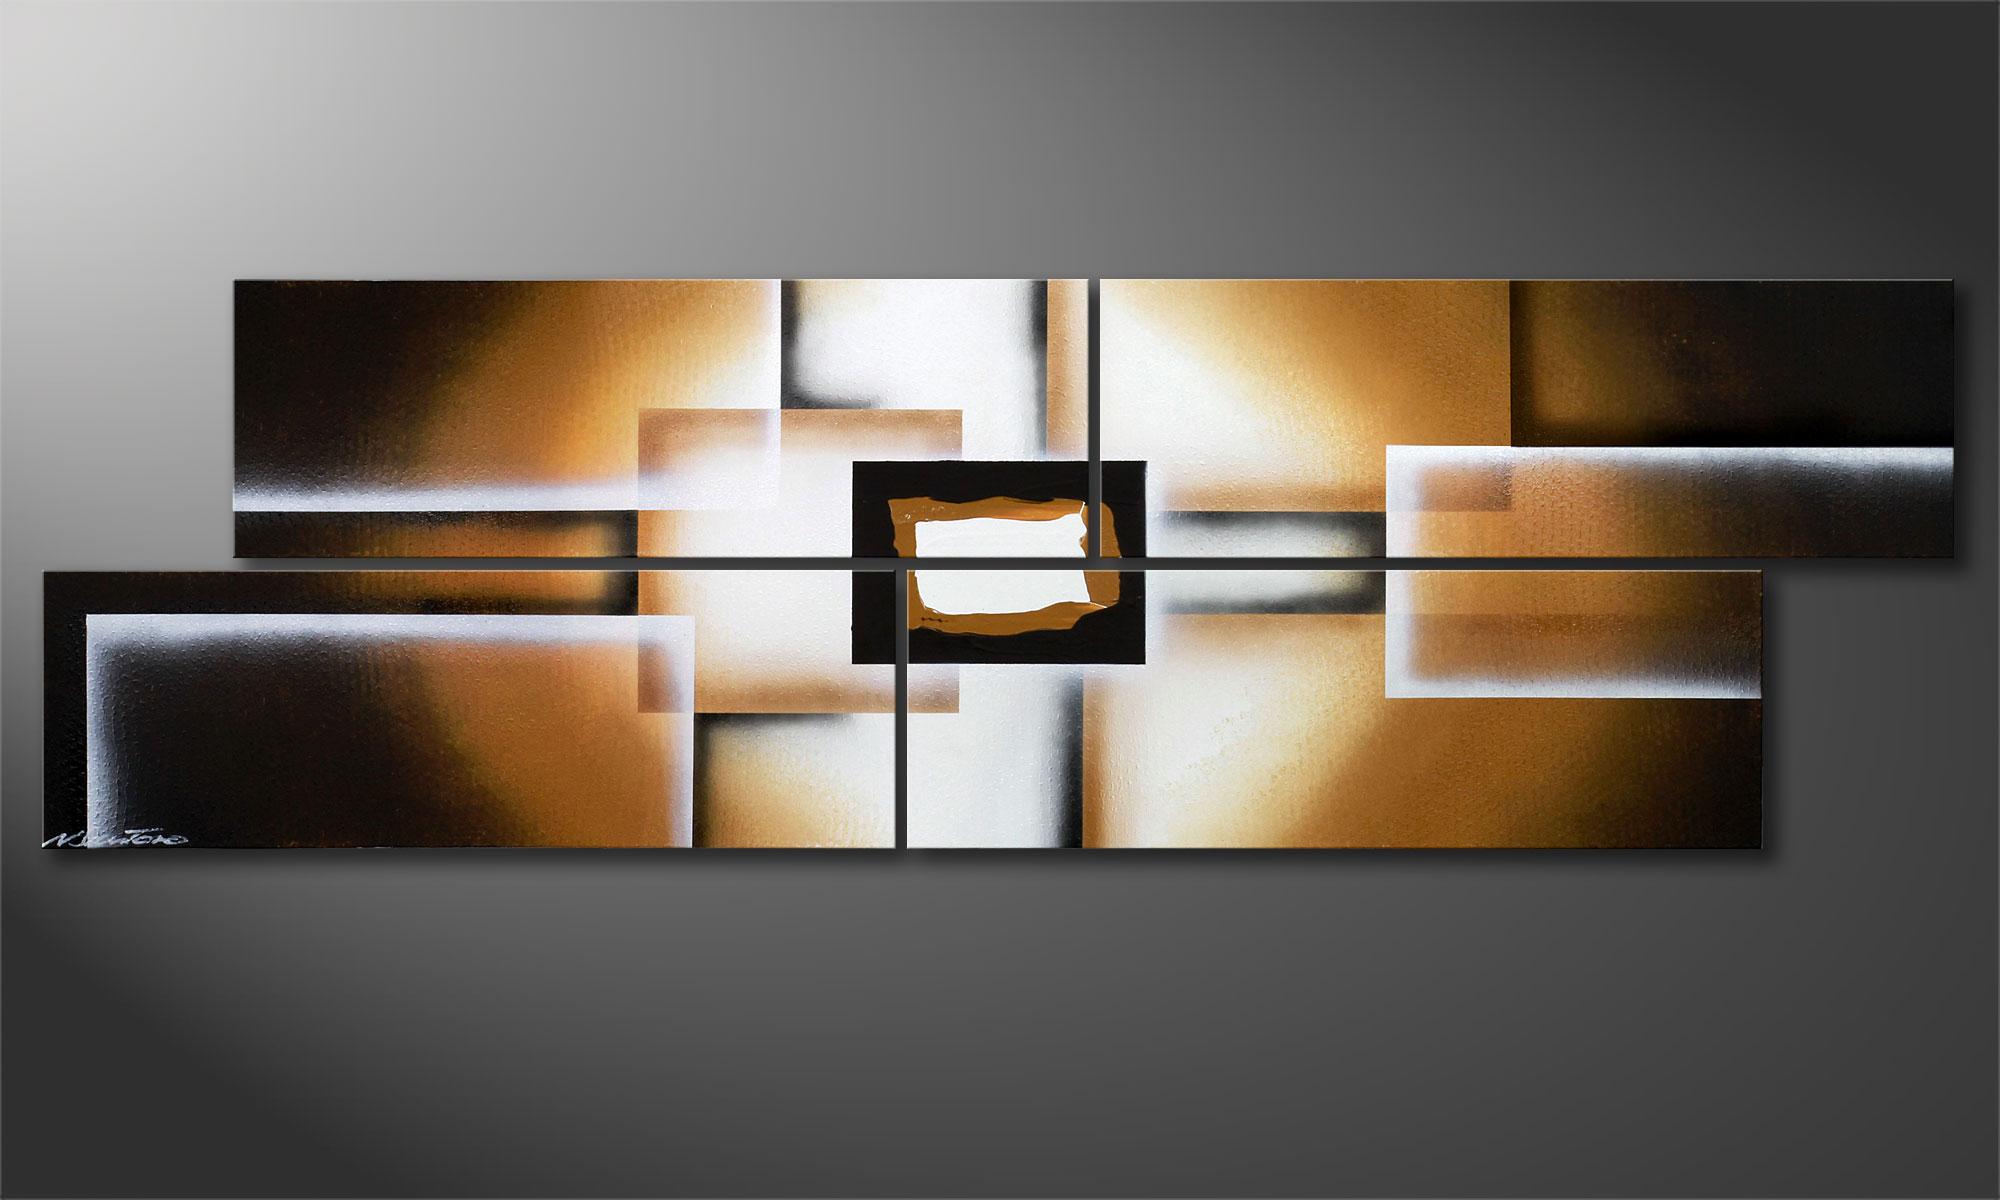 Wohnzimmer Bilder Abstrakt: Moderne Kunst Abstrakte Gemaelde ... Moderne Leinwandbilder Wohnzimmer